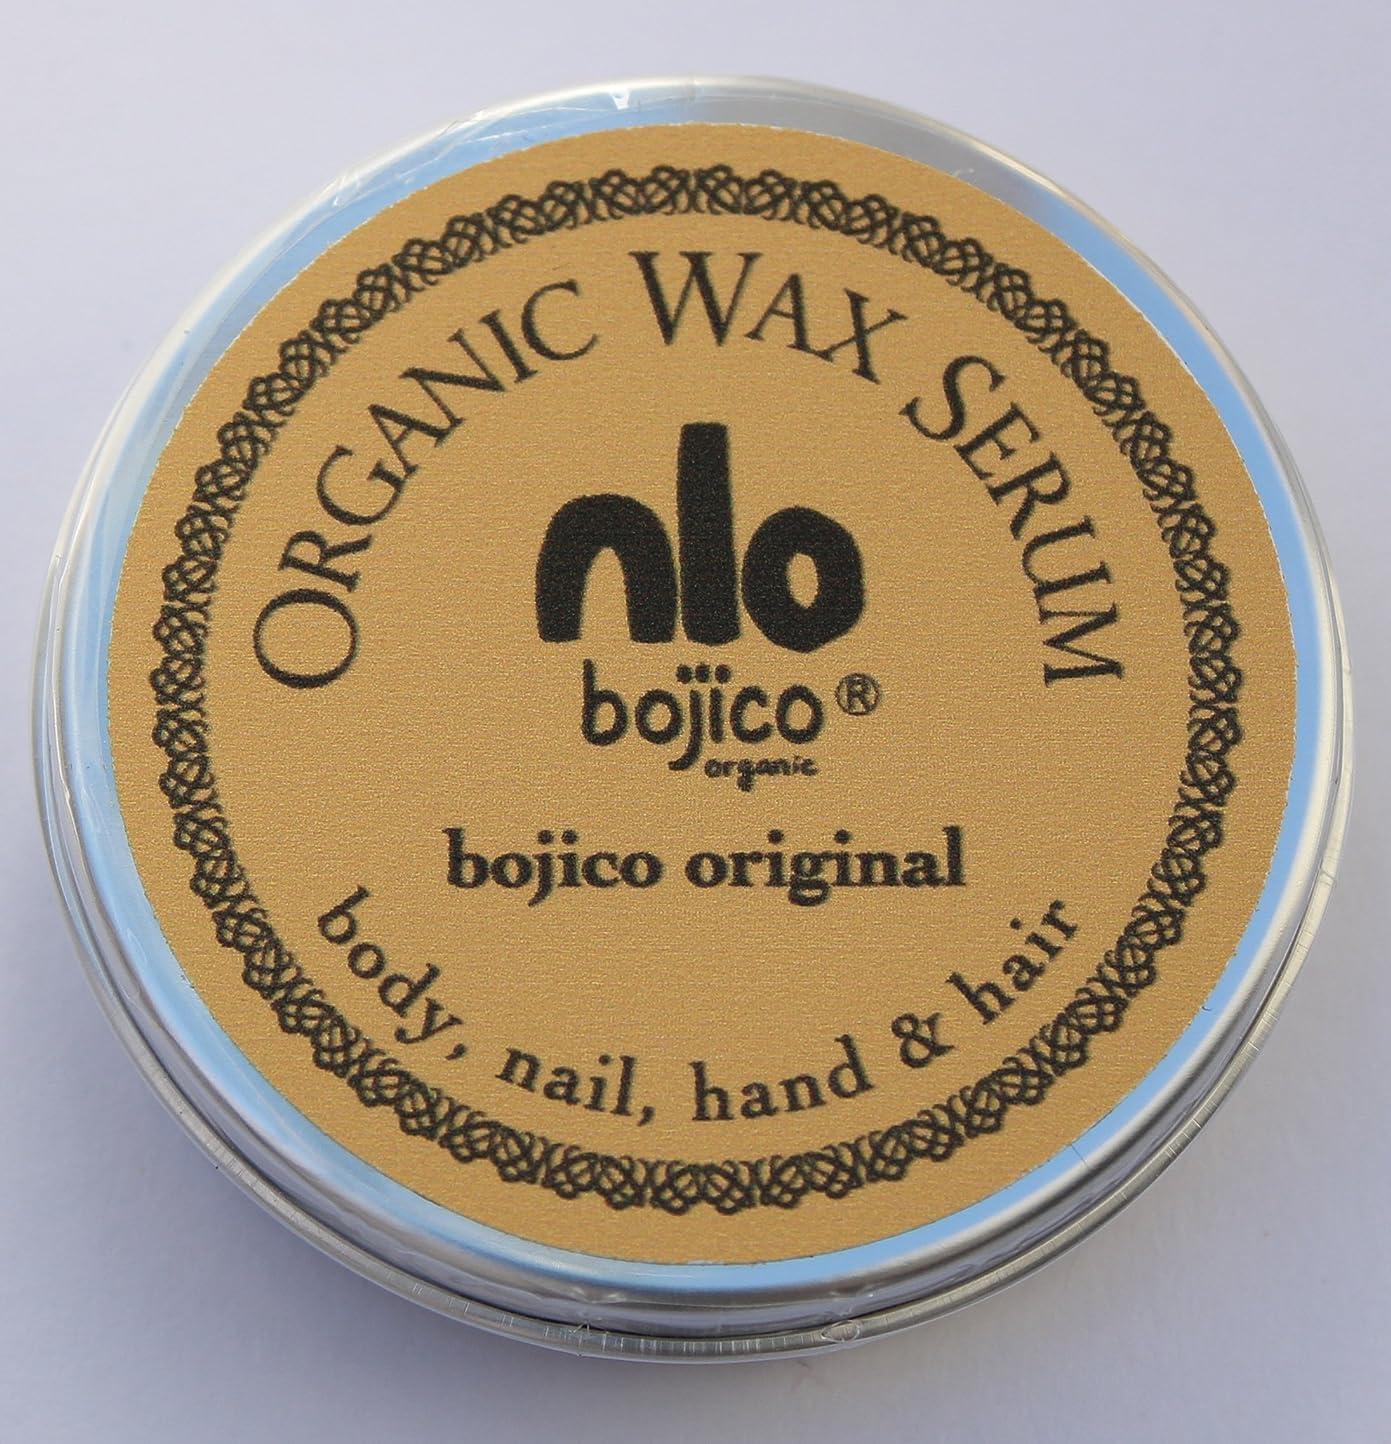 かけがえのないパッケージ薄汚いbojico オーガニック ワックス セラム<オリジナル> Organic Wax Serum 40g